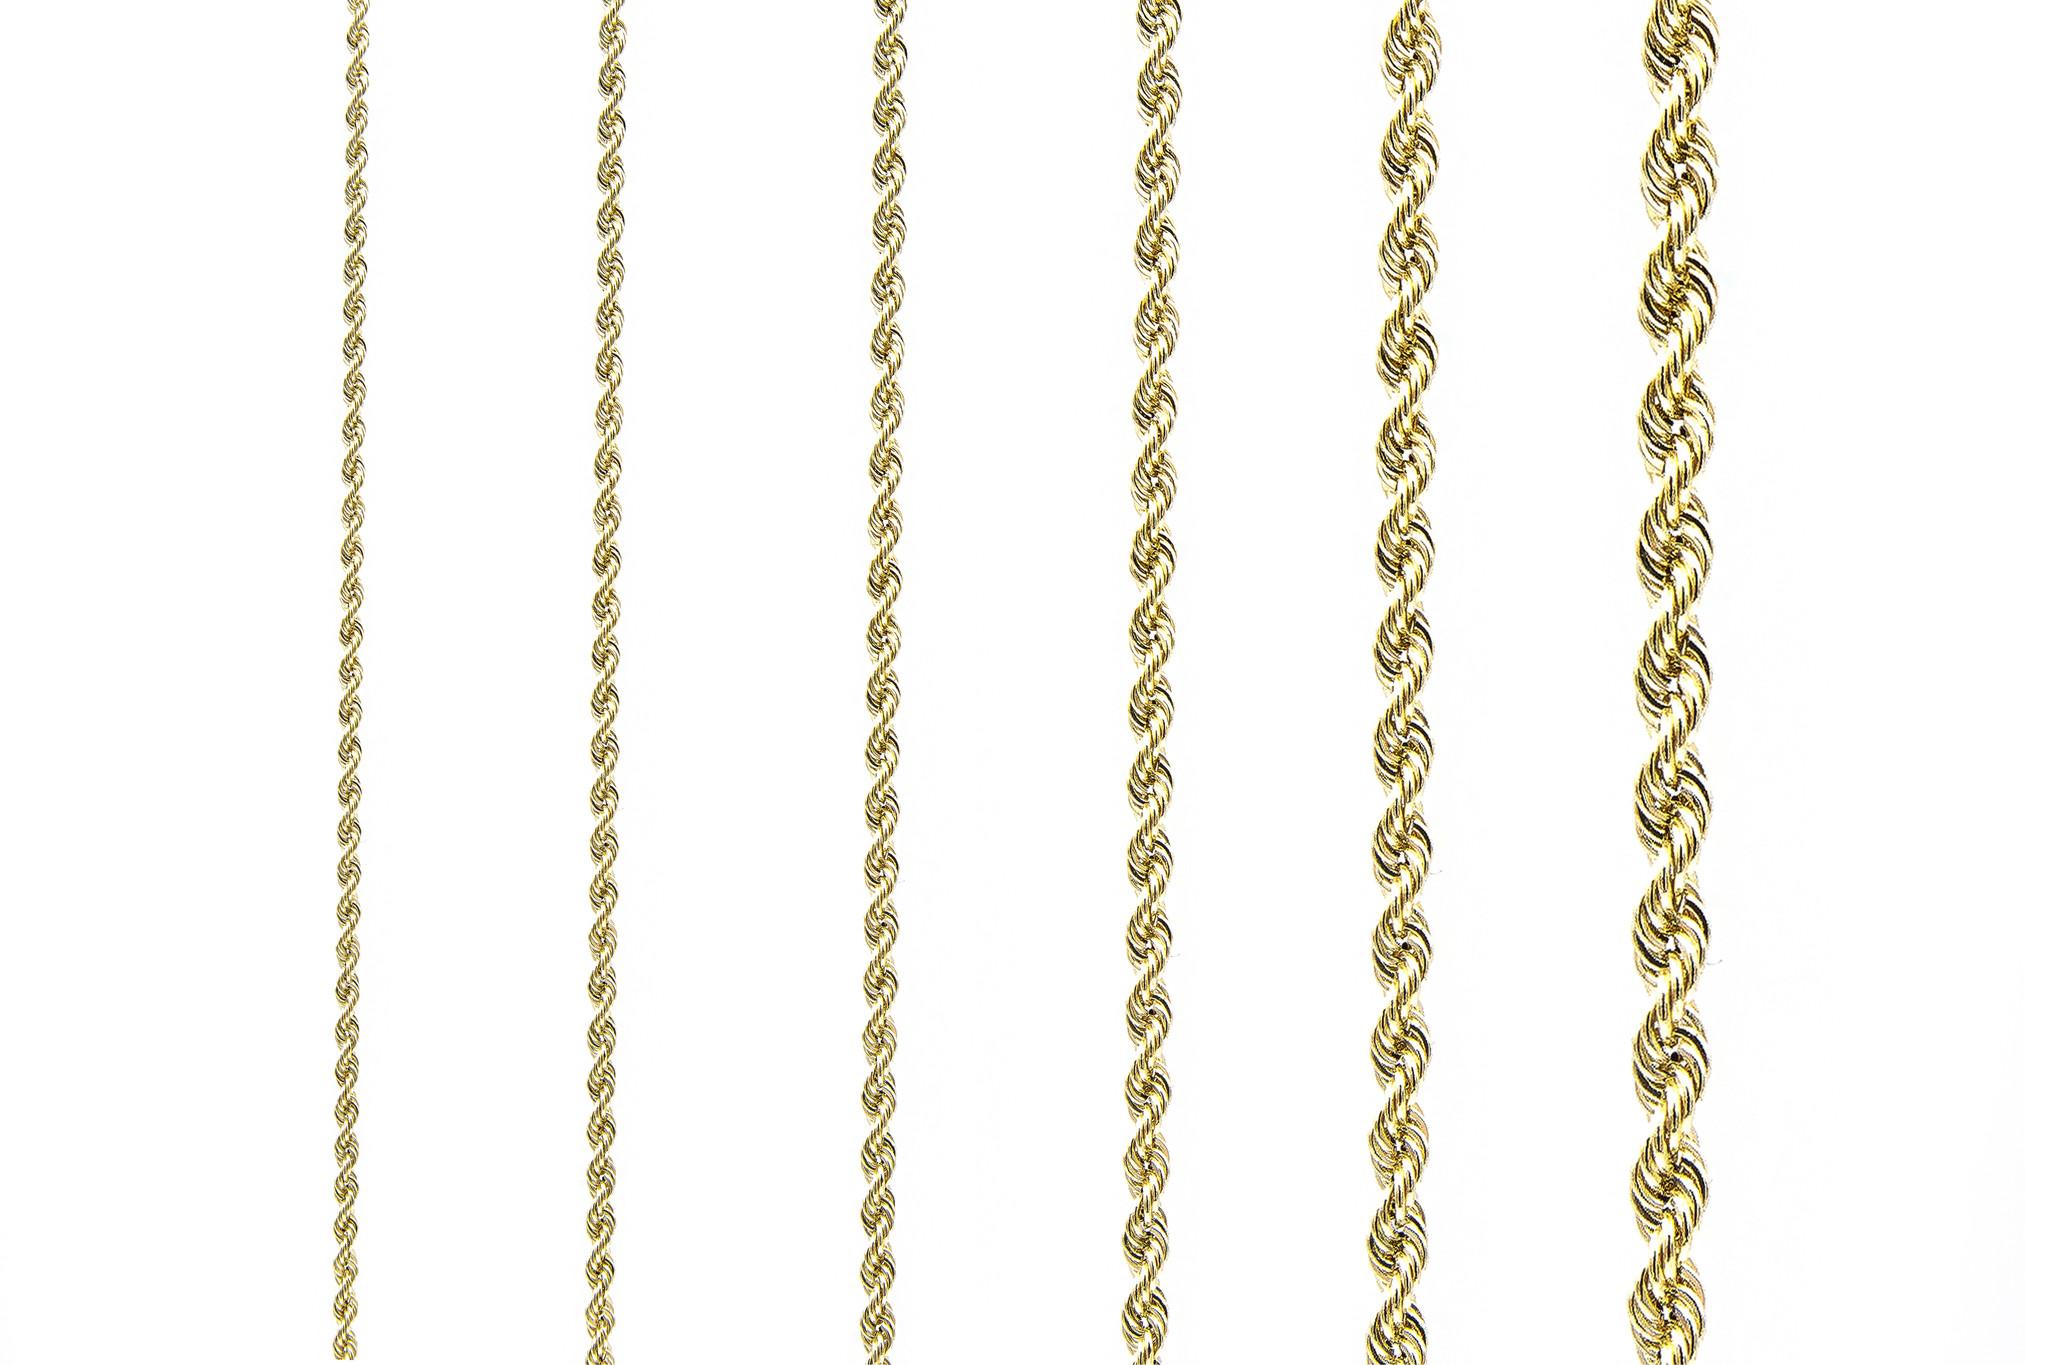 Rope chain Nederlands goud 14kt 9 mm-6